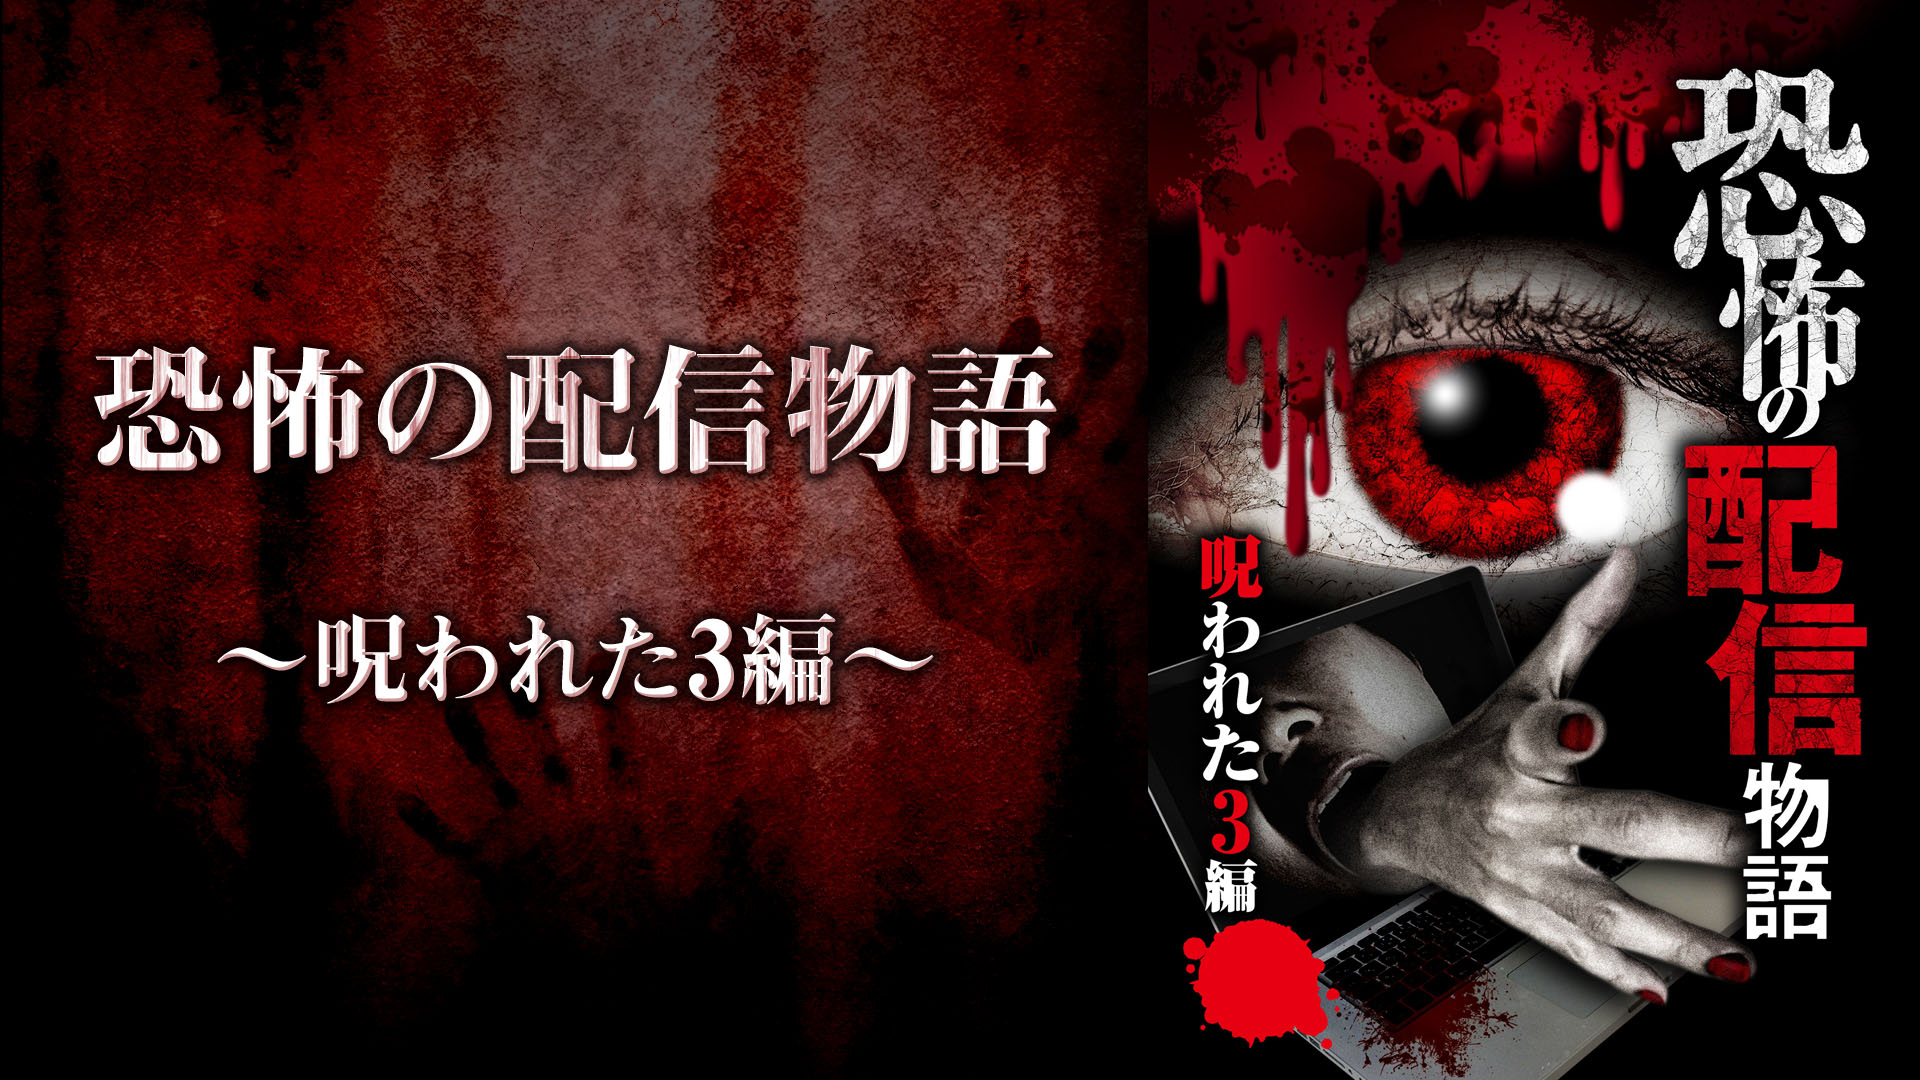 恐怖の配信物語 -呪われた3編-